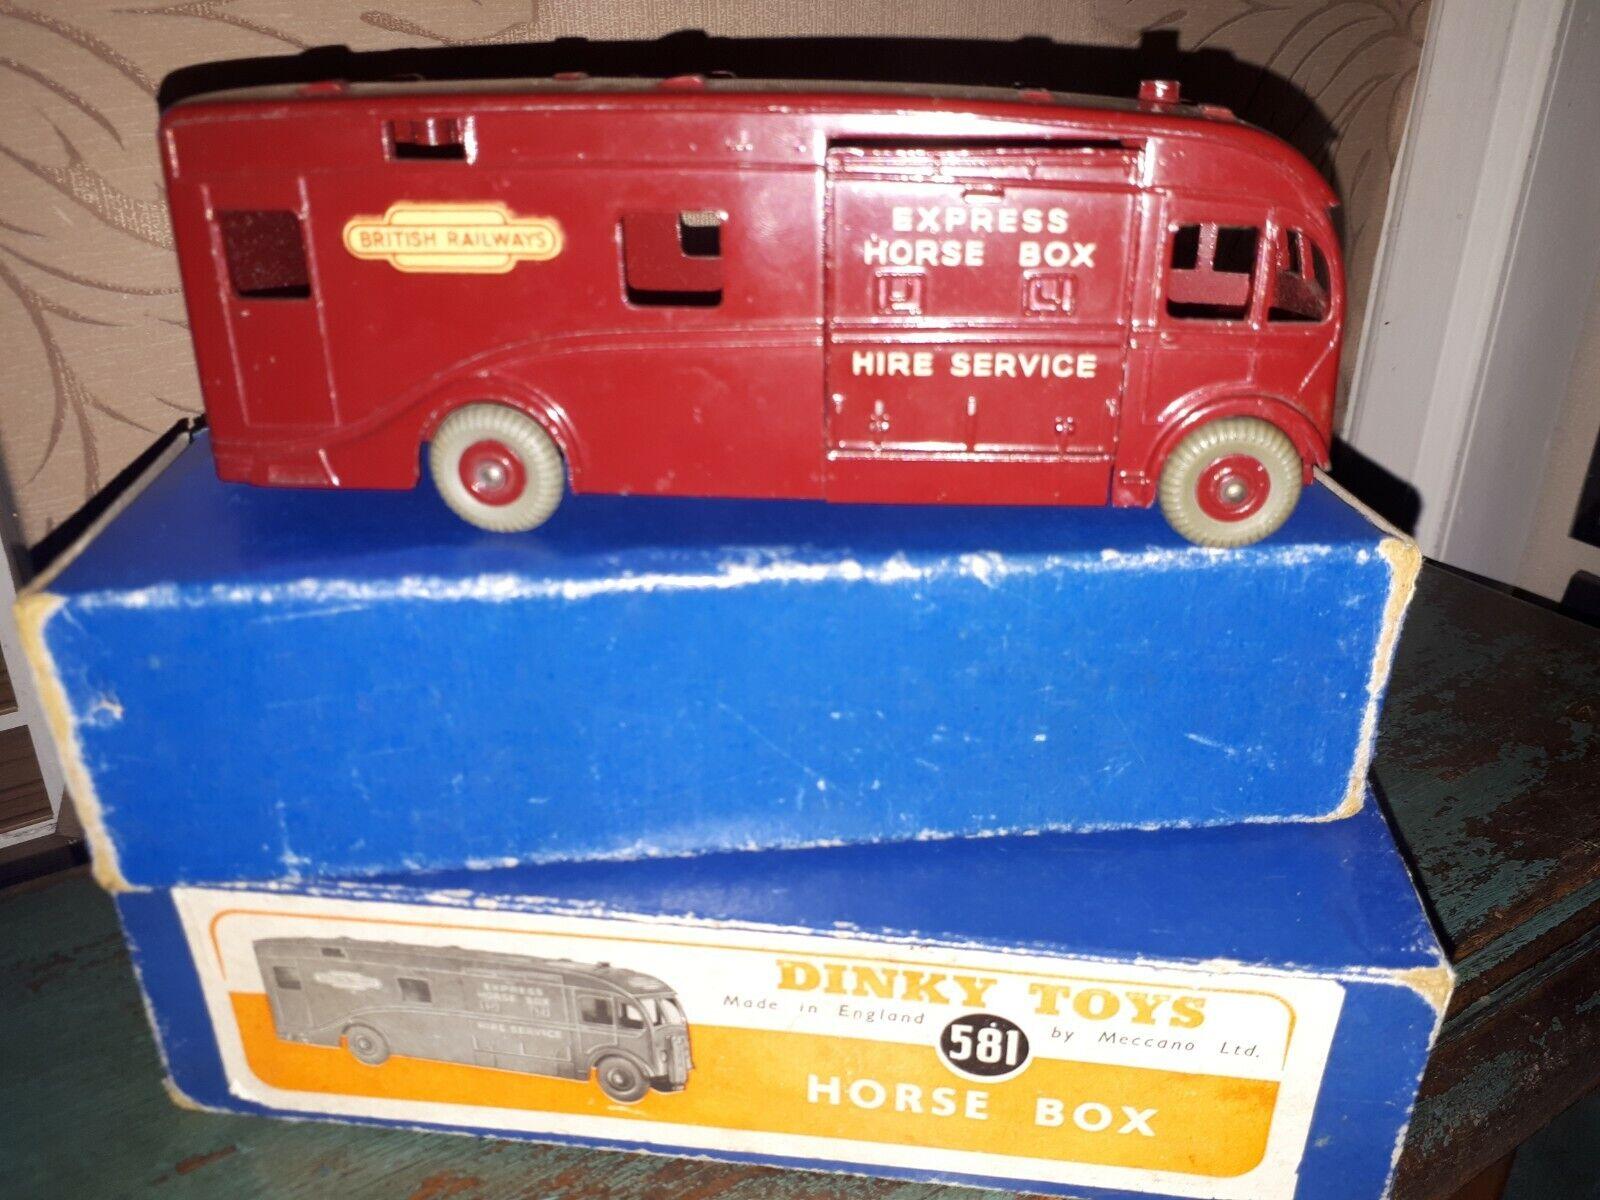 DINKY SUPERTOYS 581  BRITISH RAILWAYS Express HORSE BOX. Bordeaux. Coffret. Années 1950